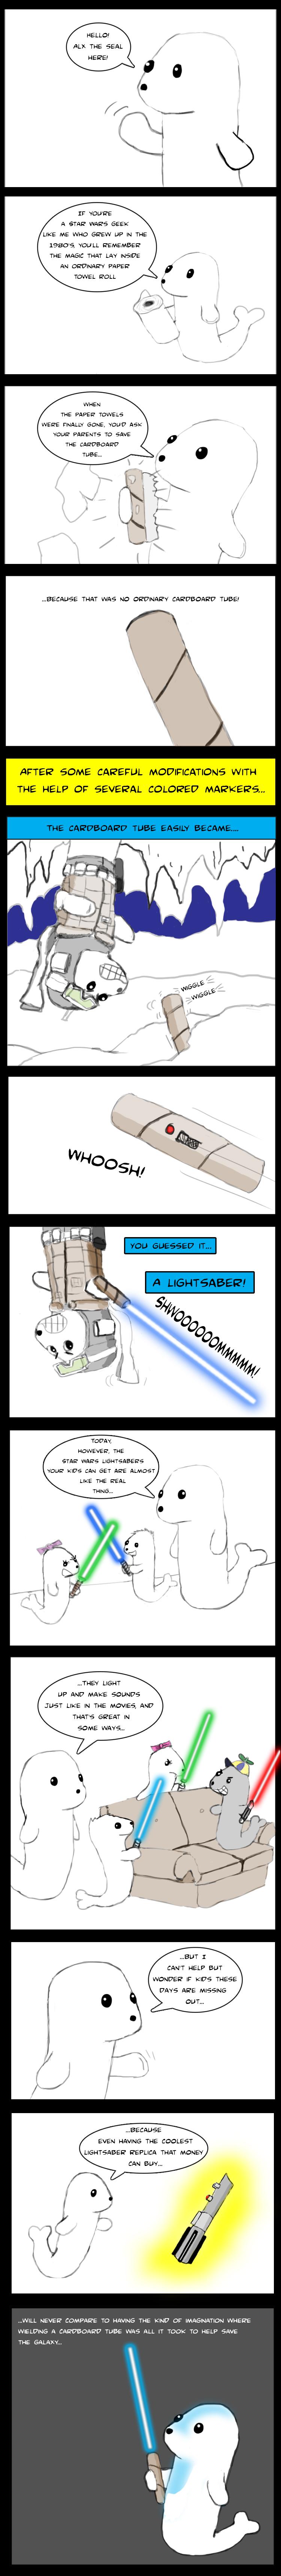 star-wars-fan.jpg